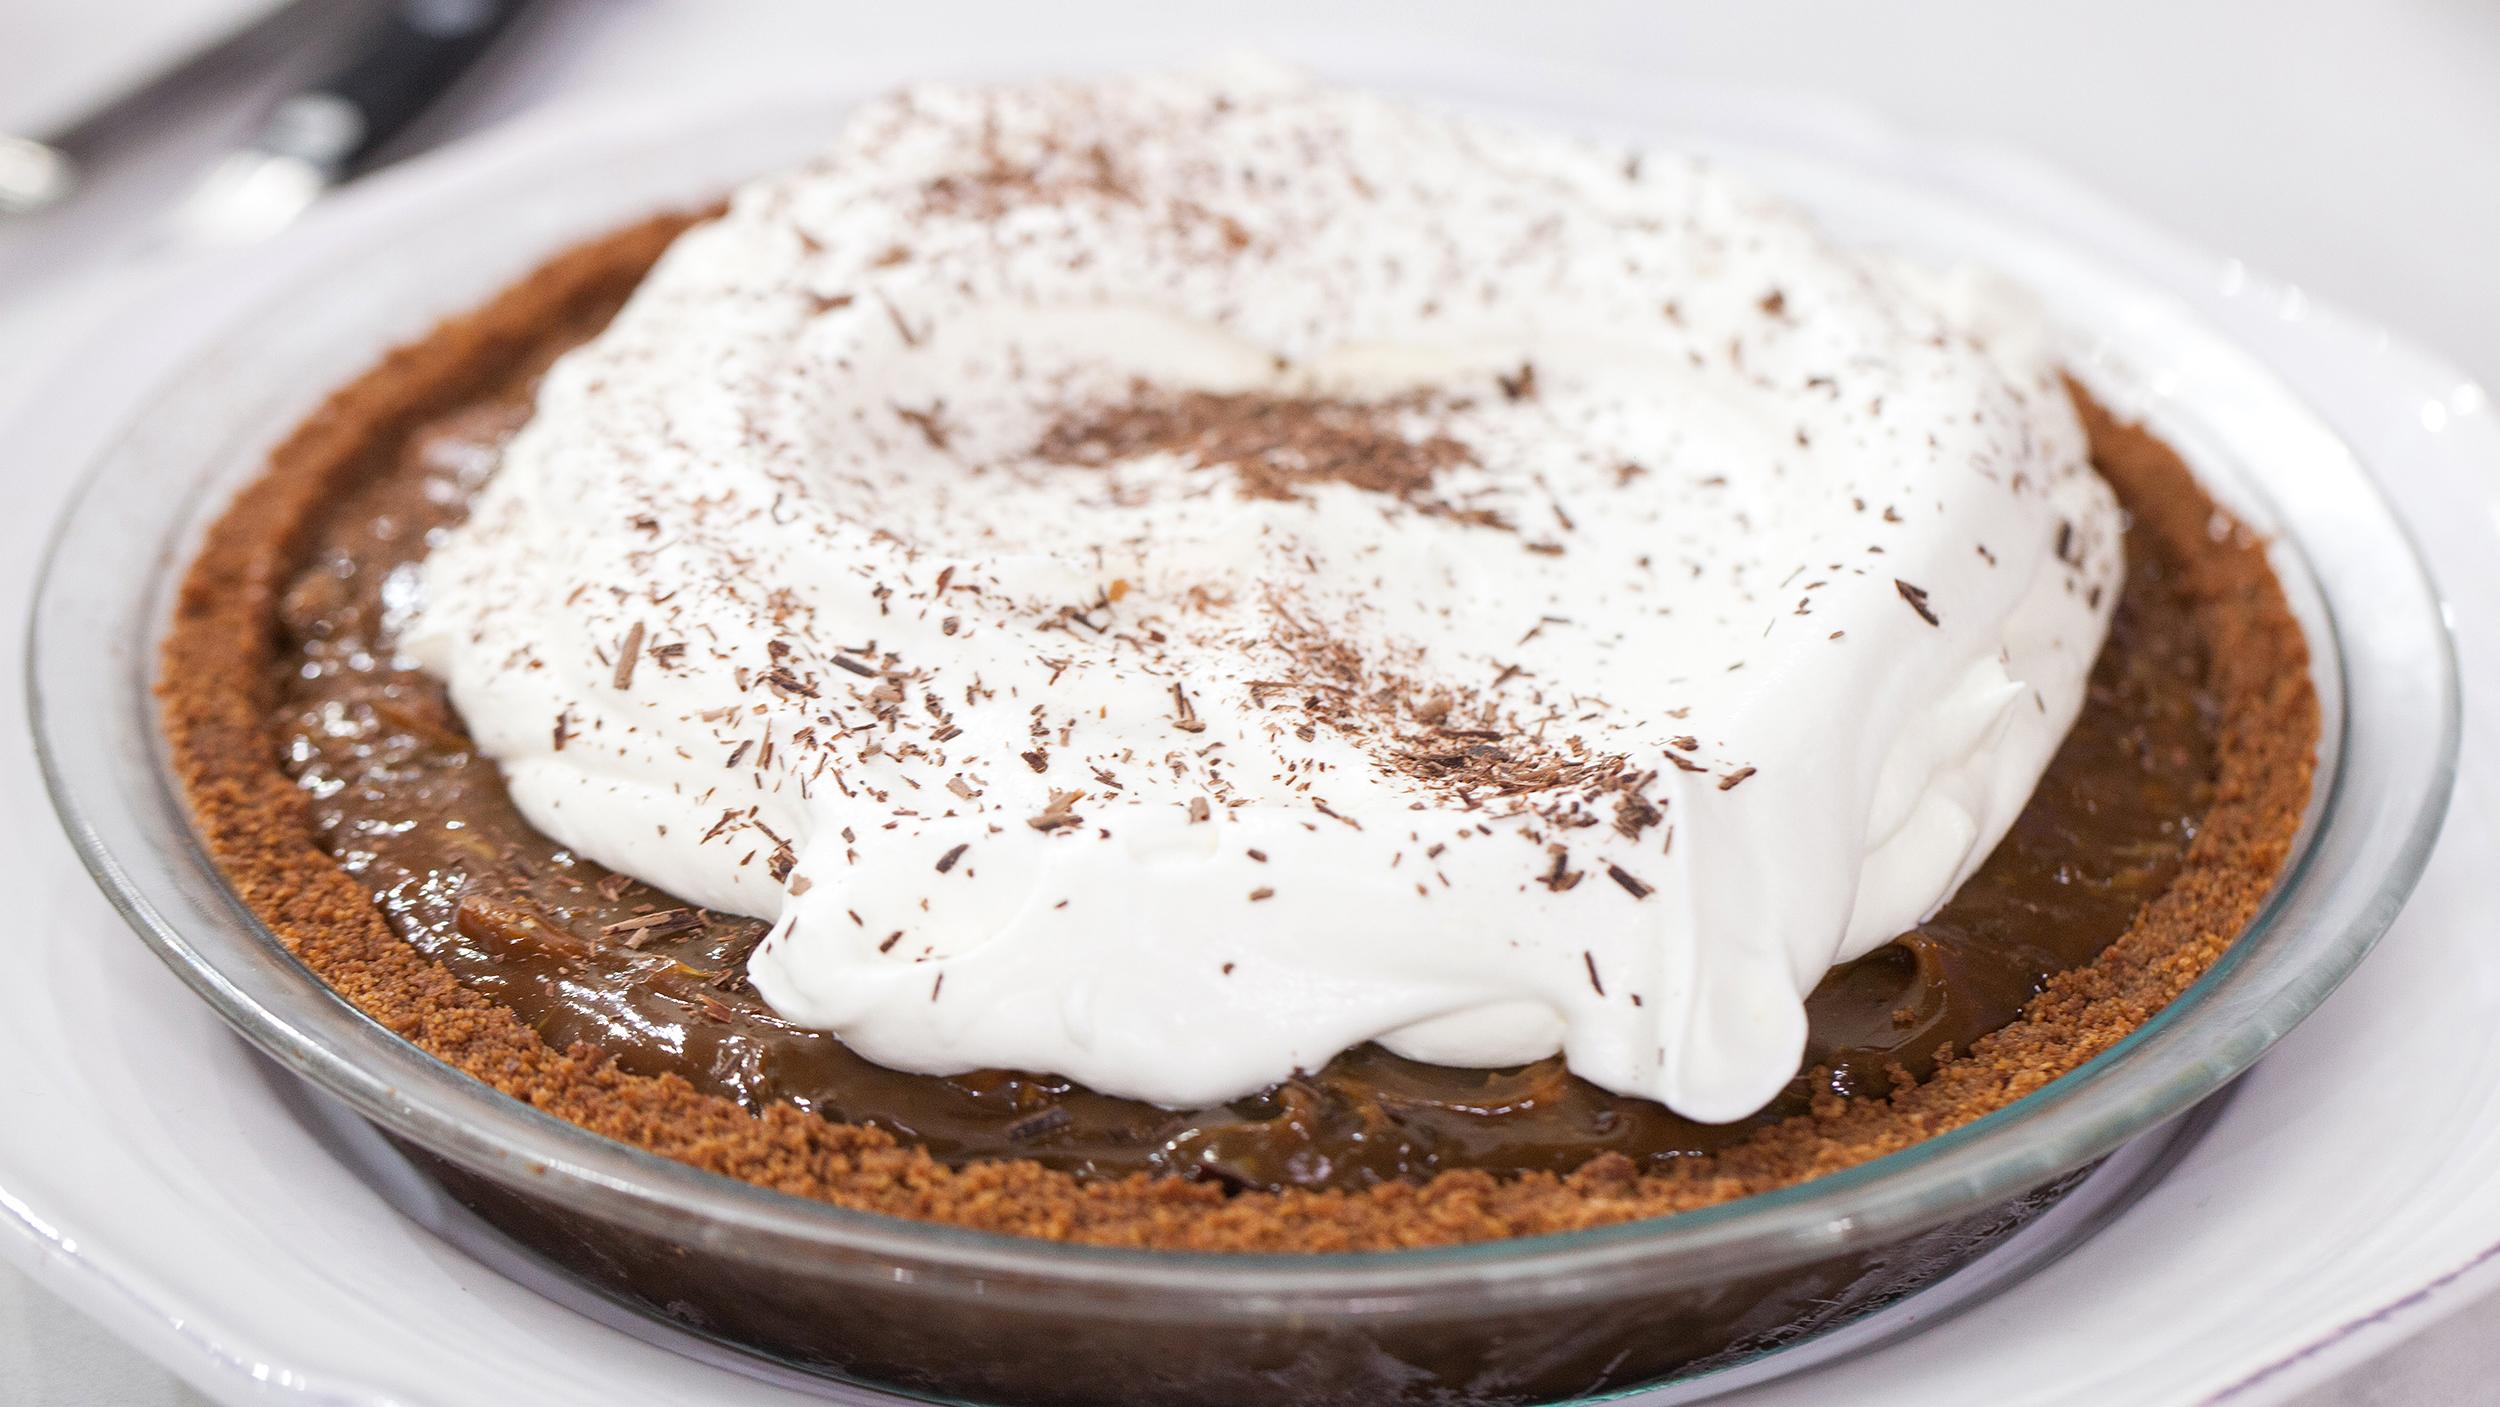 Chocolate Caramel Crunch Pie - TODAY.com Giada De Laurentiis Parents